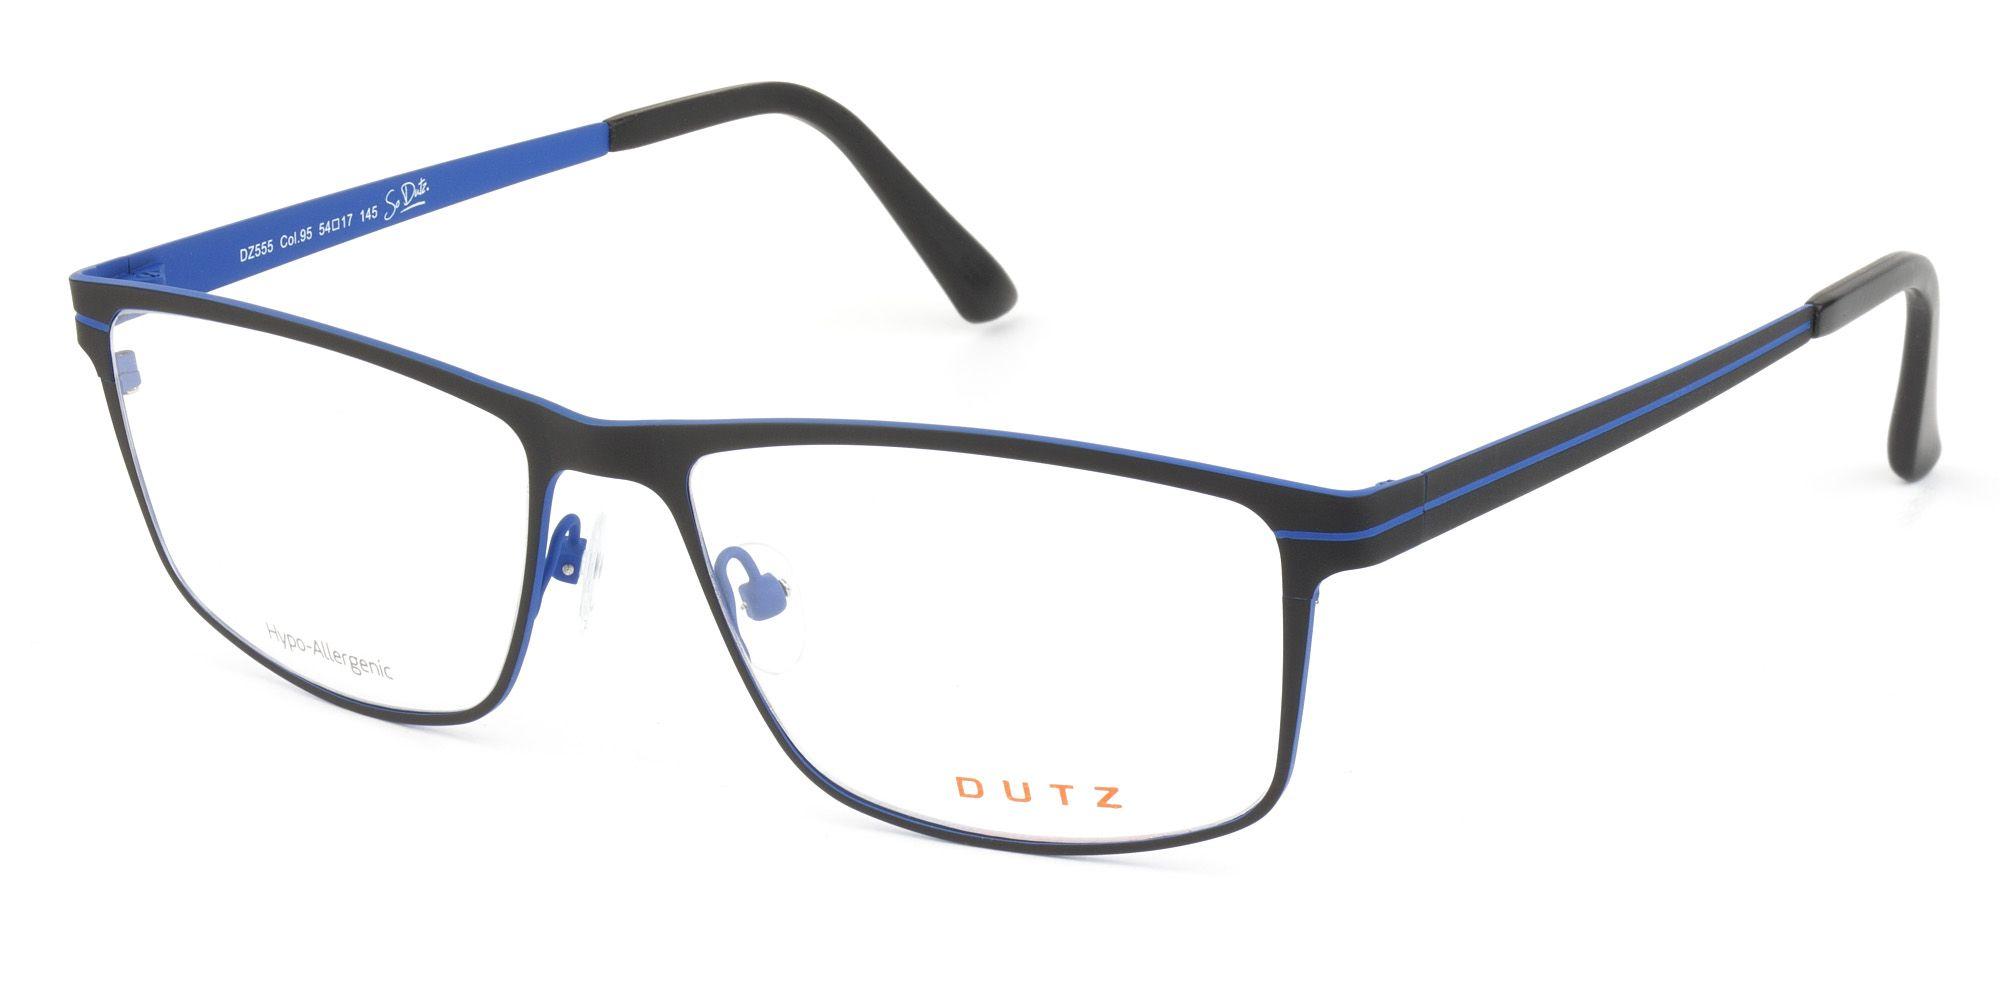 Dutz Eyewear DZ555-95 | Eyeglasses | Pinterest